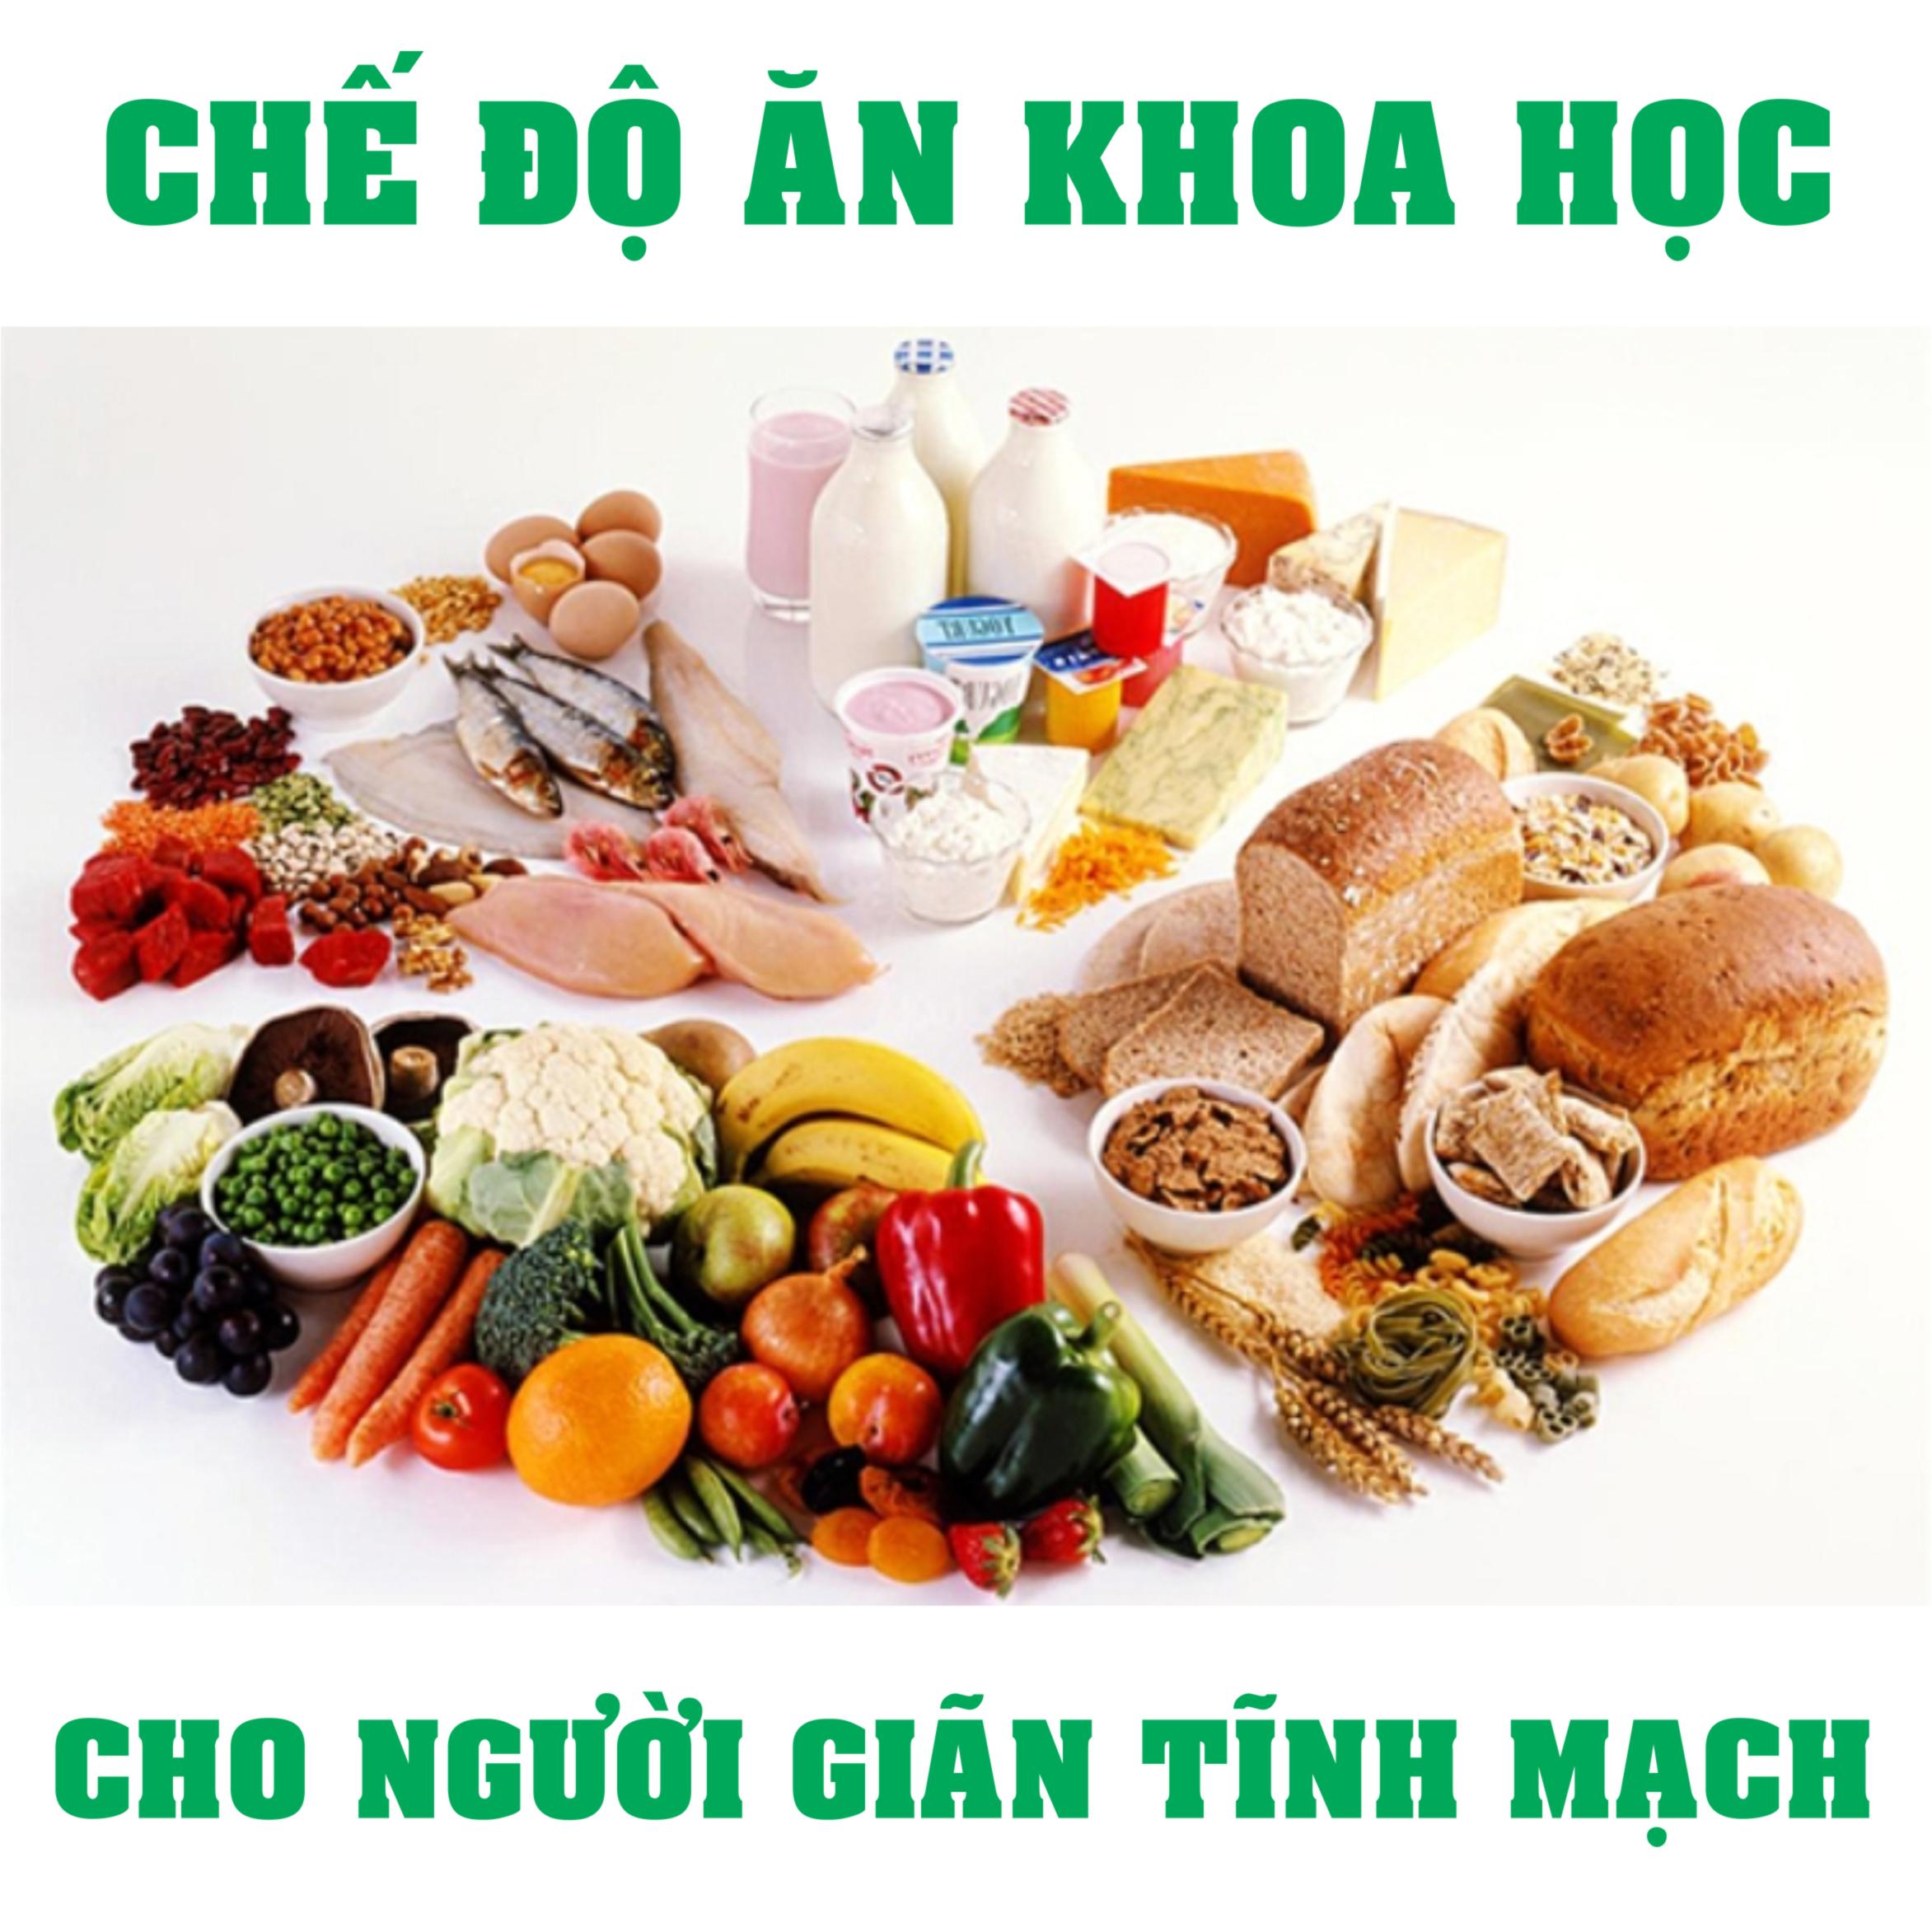 AN CHO NGUOI GIAN TINH MACH